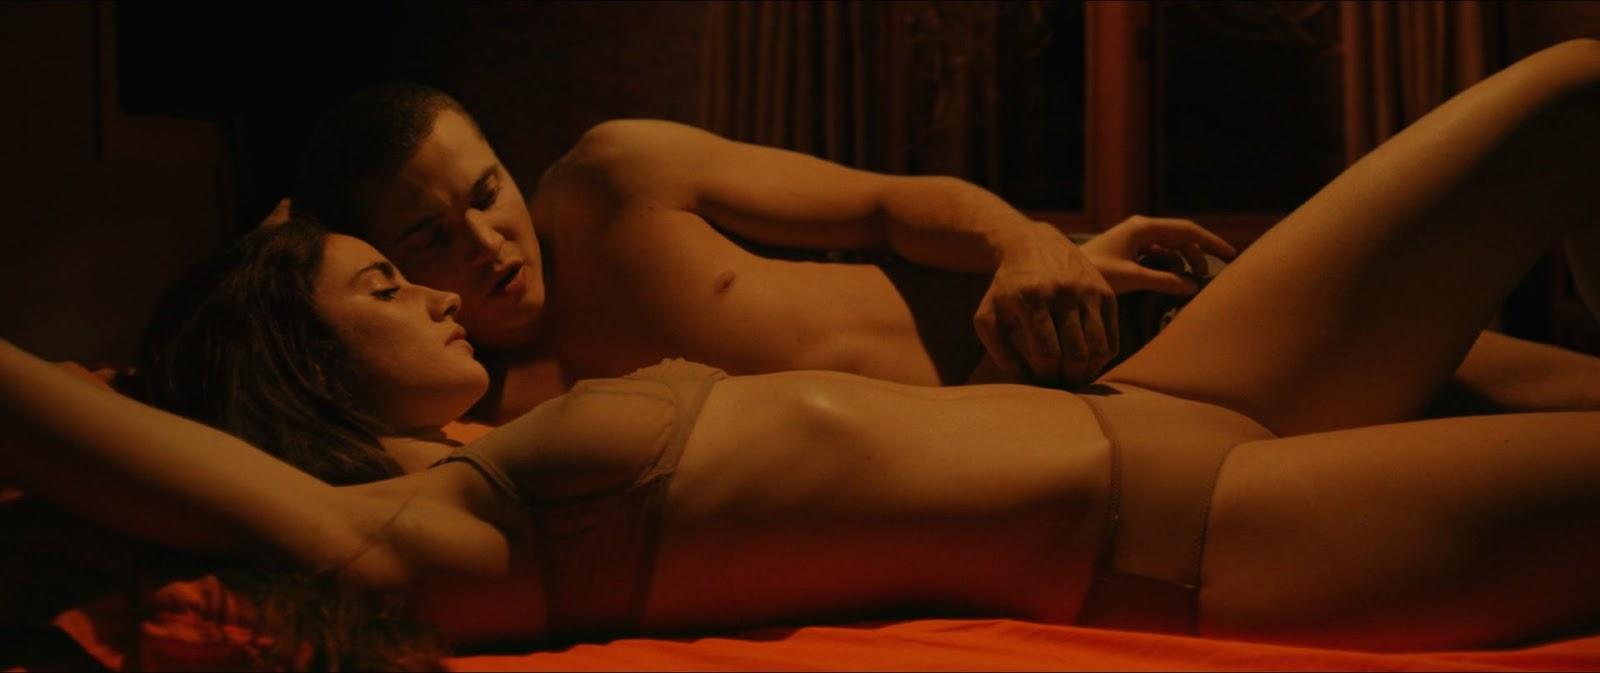 любовно эротические сцены видео вашему вниманию фотографии